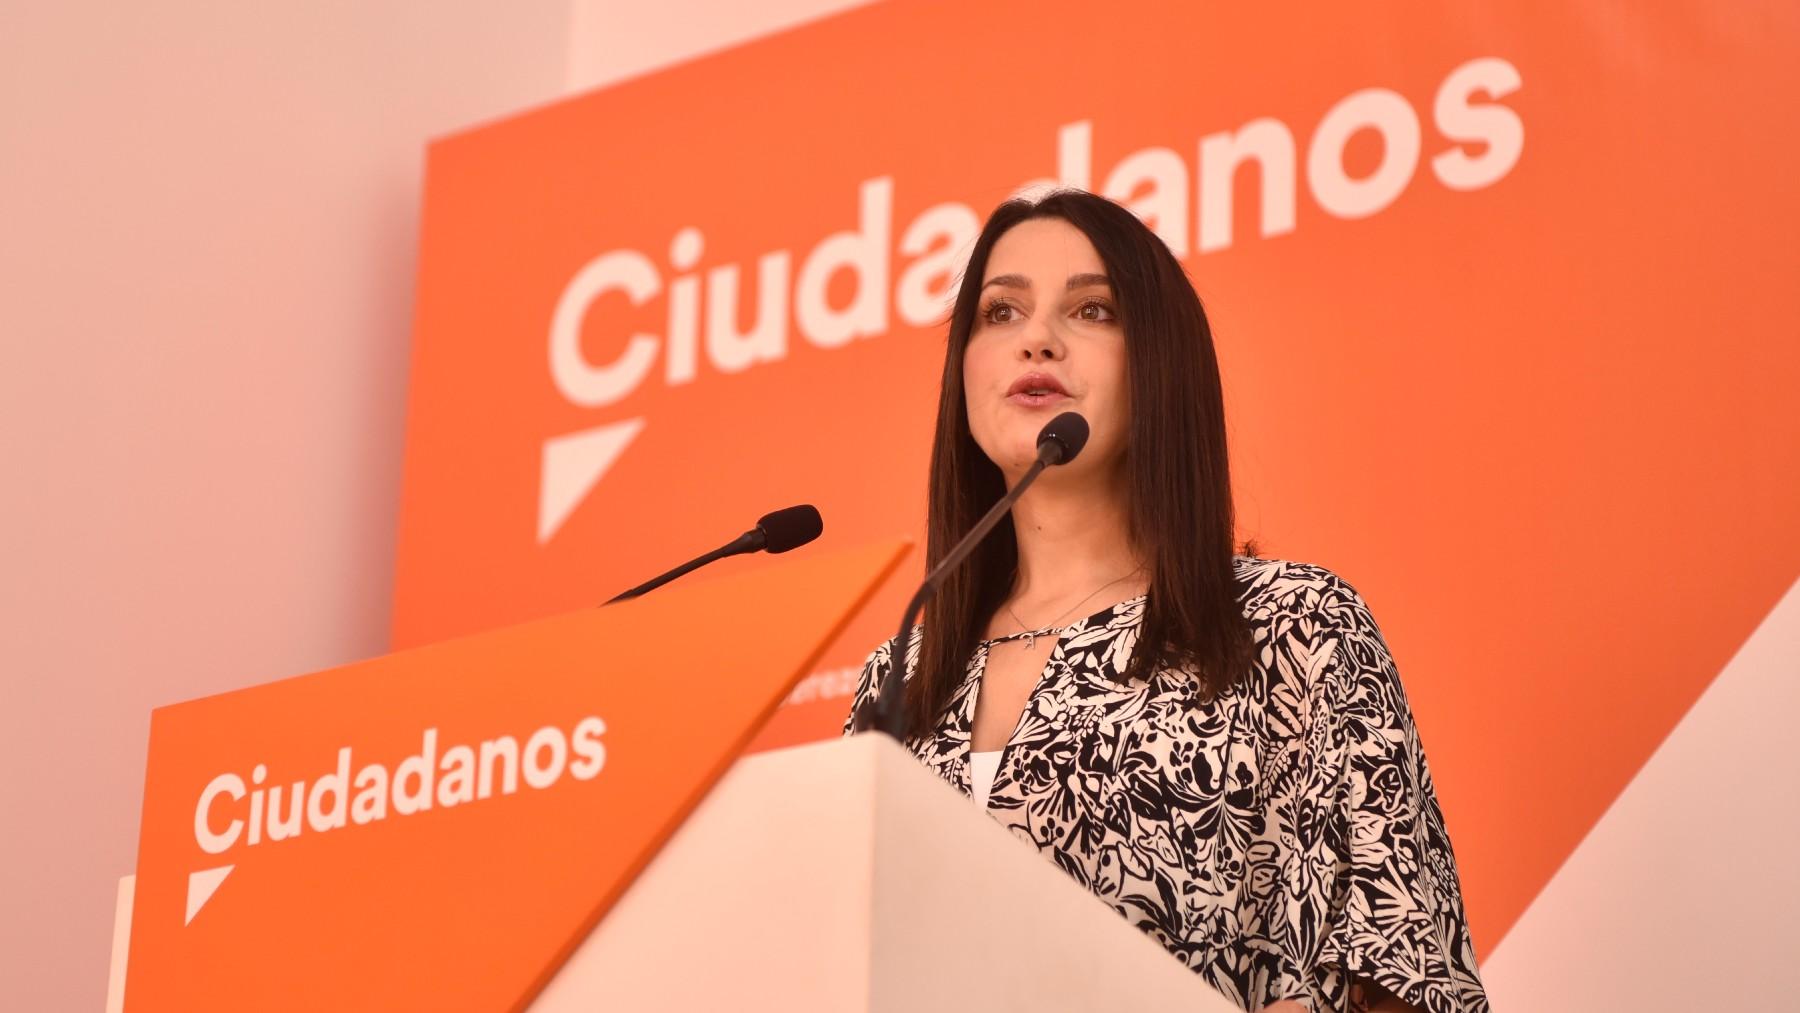 La presidenta de Ciudadanos, Inés Arrimadas. (Foto: EP / Cs)